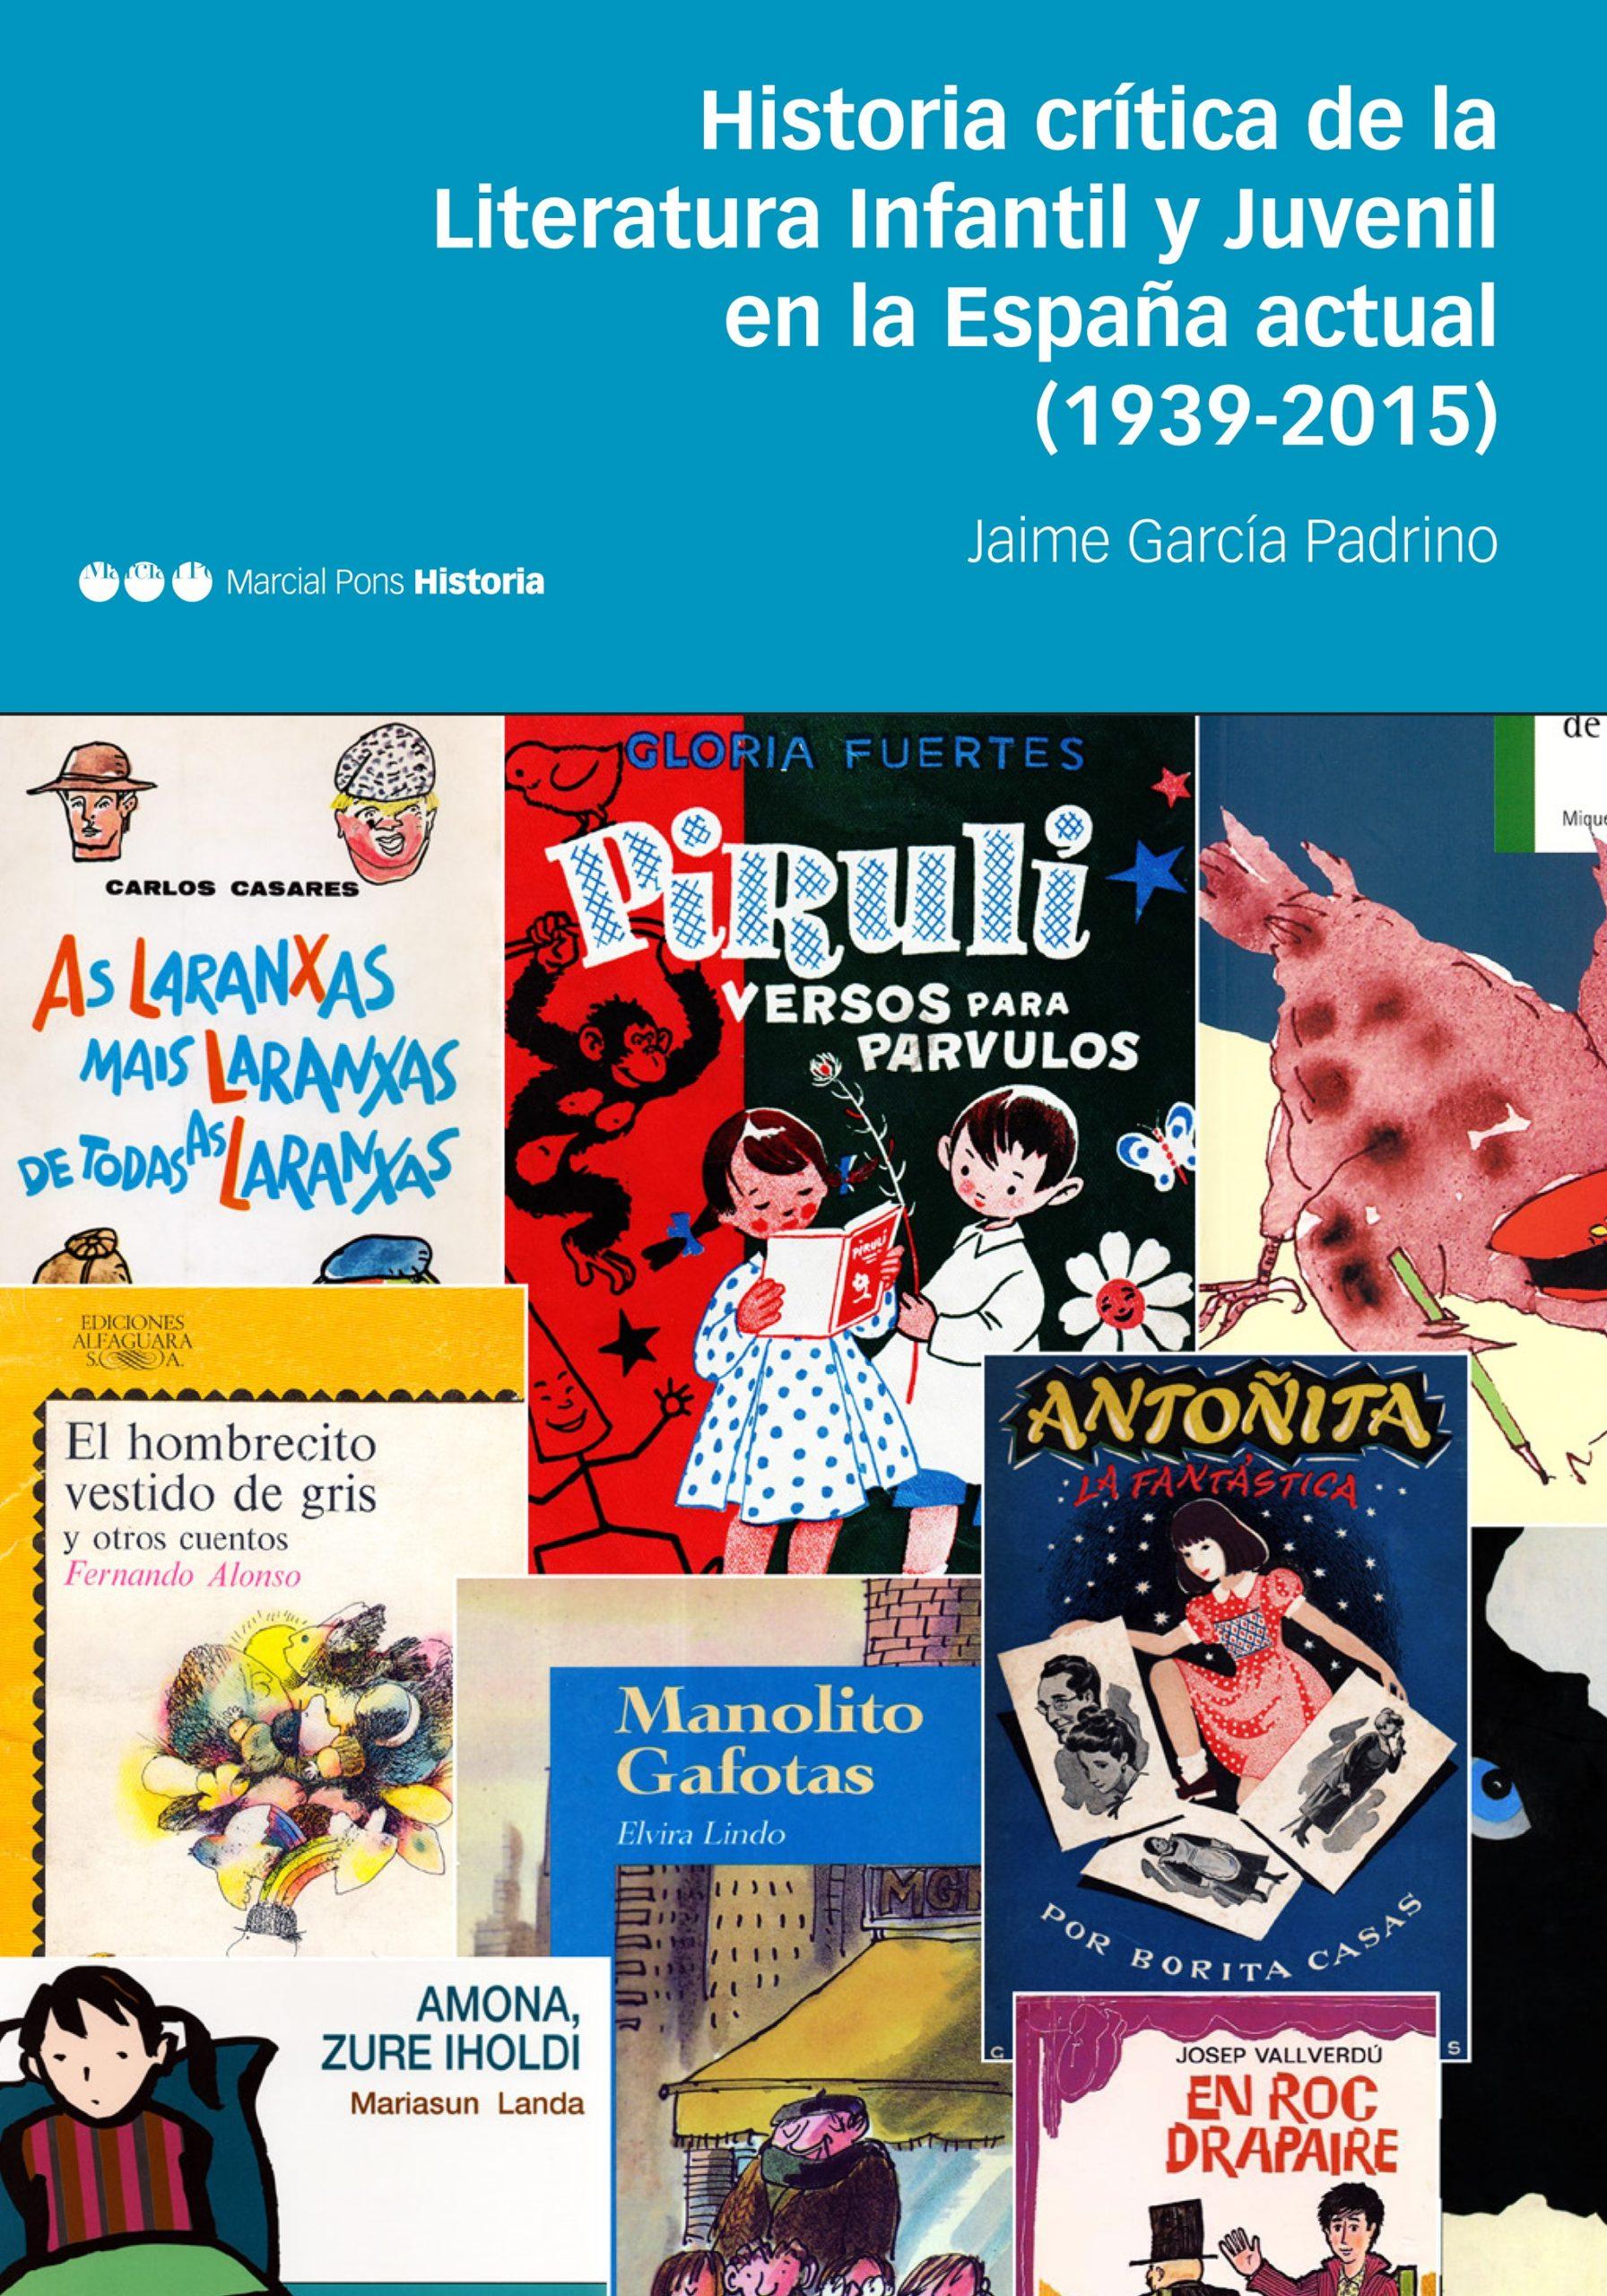 Jaime García Padrino. Historia crítica de la literatura infantil y juvenil en la España actual (1939-2015). Marcial Pons